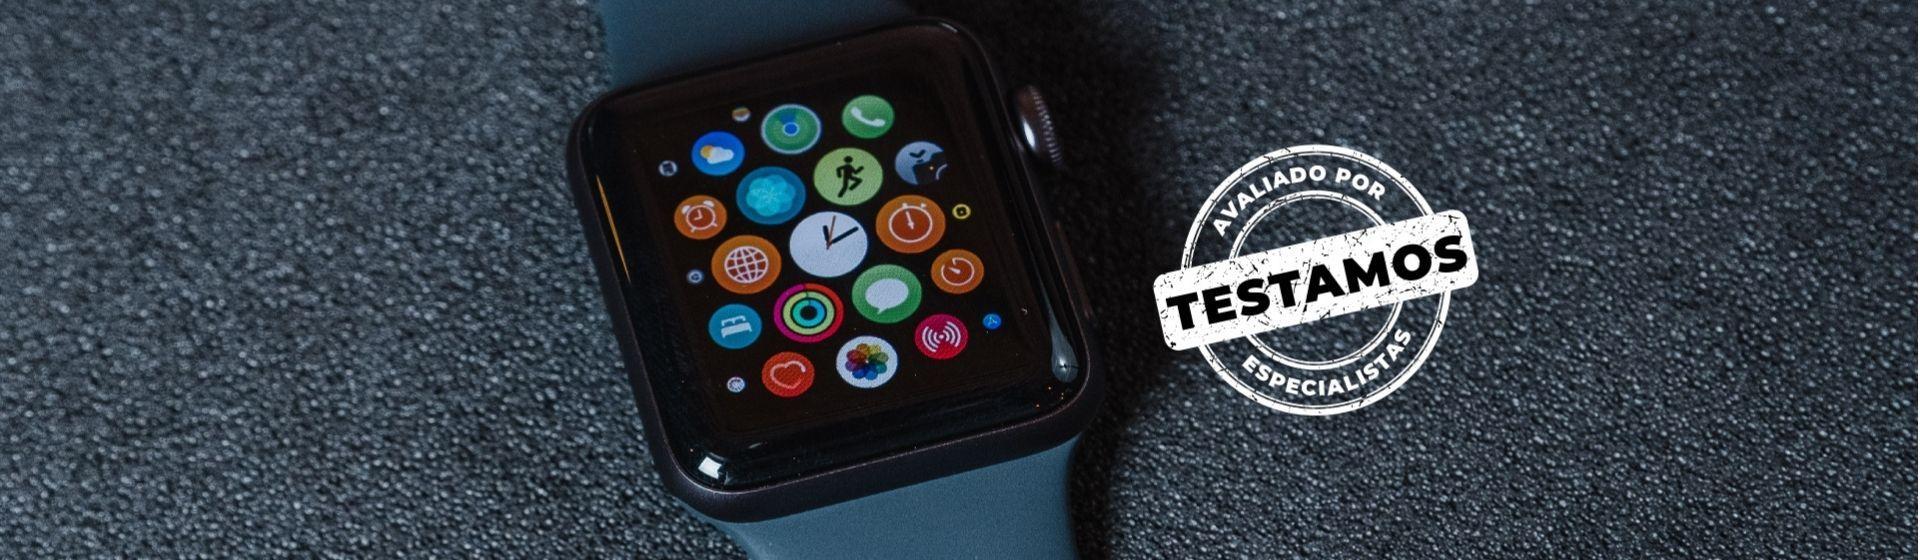 Apple Watch 3: smartwatch mais antigo se destaca pelo custo-benefício